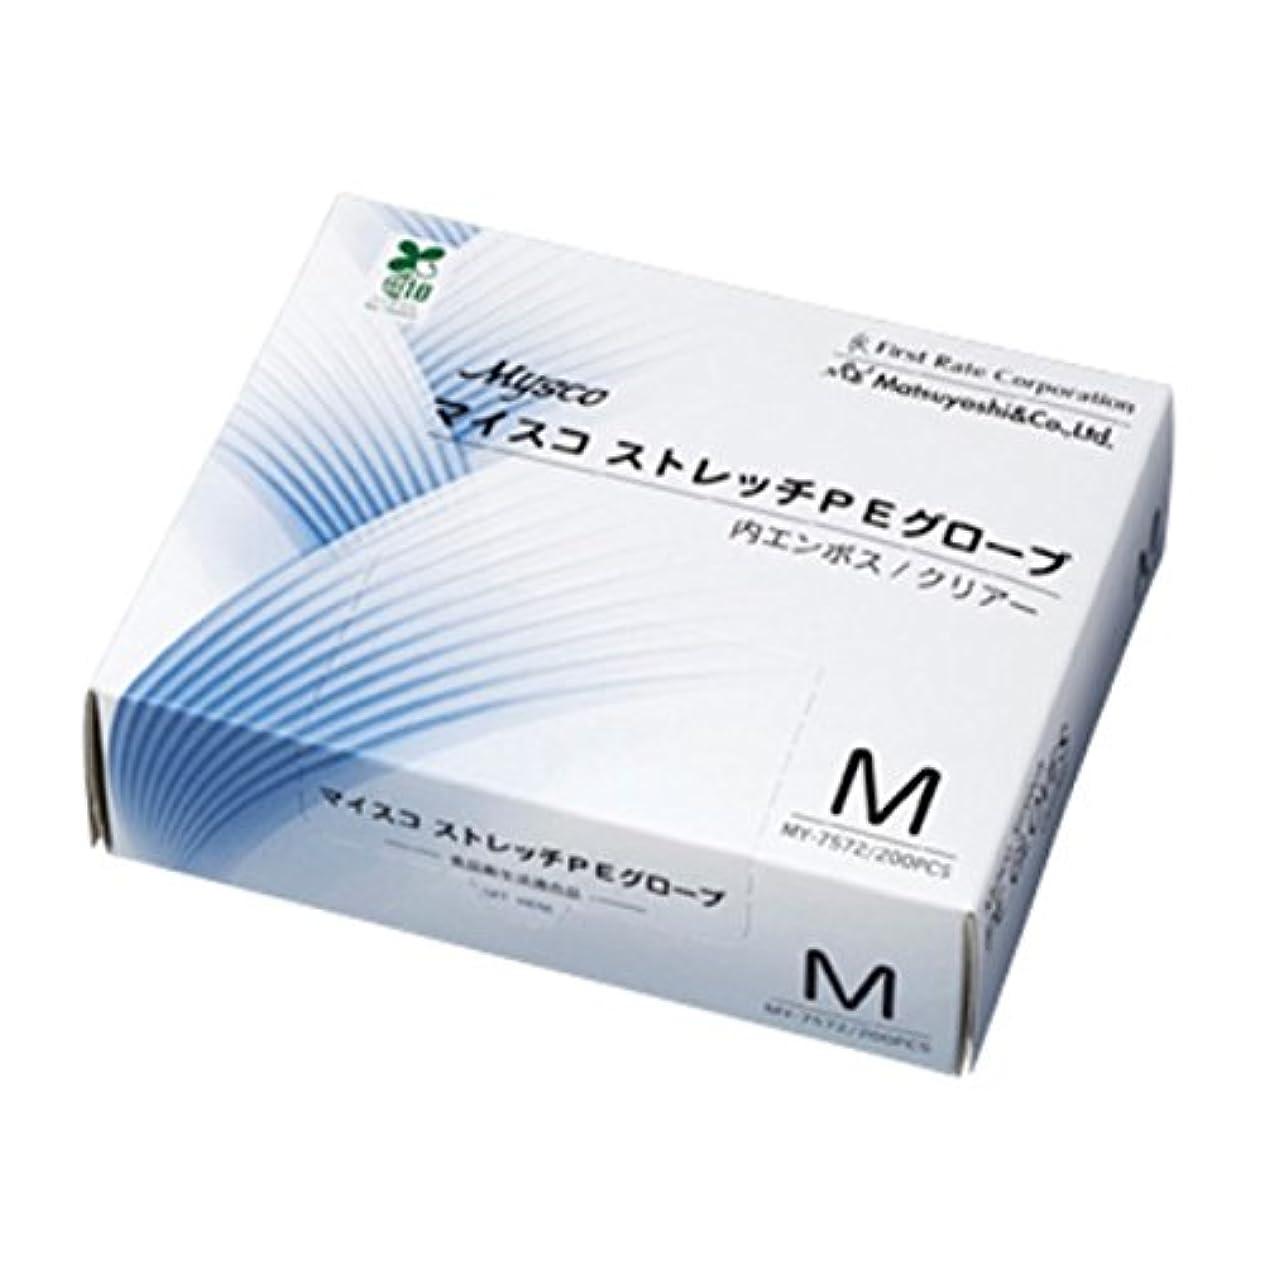 魅力ネブ地雷原【ケース販売】マイスコ ストレッチPEグローブ M 200枚入×40箱